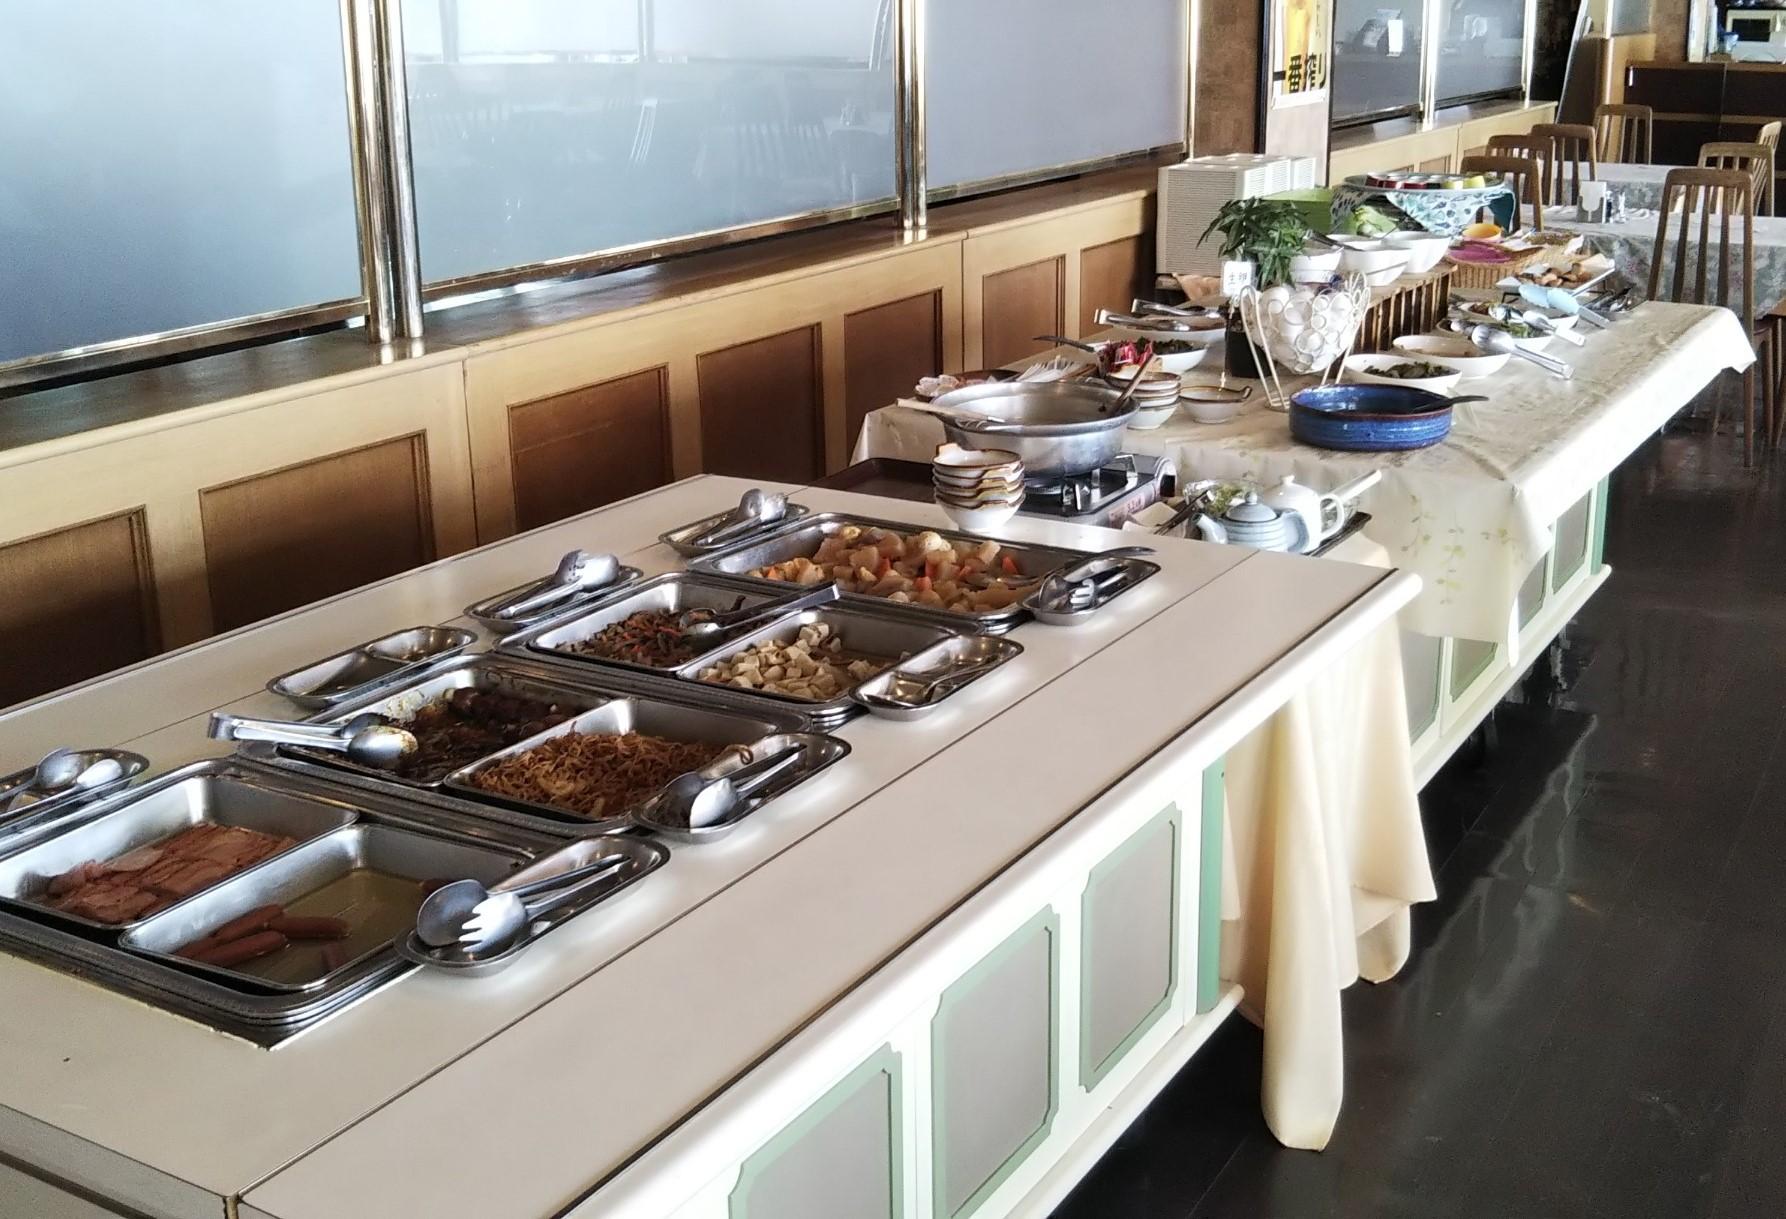 丸駒温泉旅館 / 食を極める~食事に拘るお客様へ~北海道満喫・毛ガニや牛に舌鼓!特別会席プラン